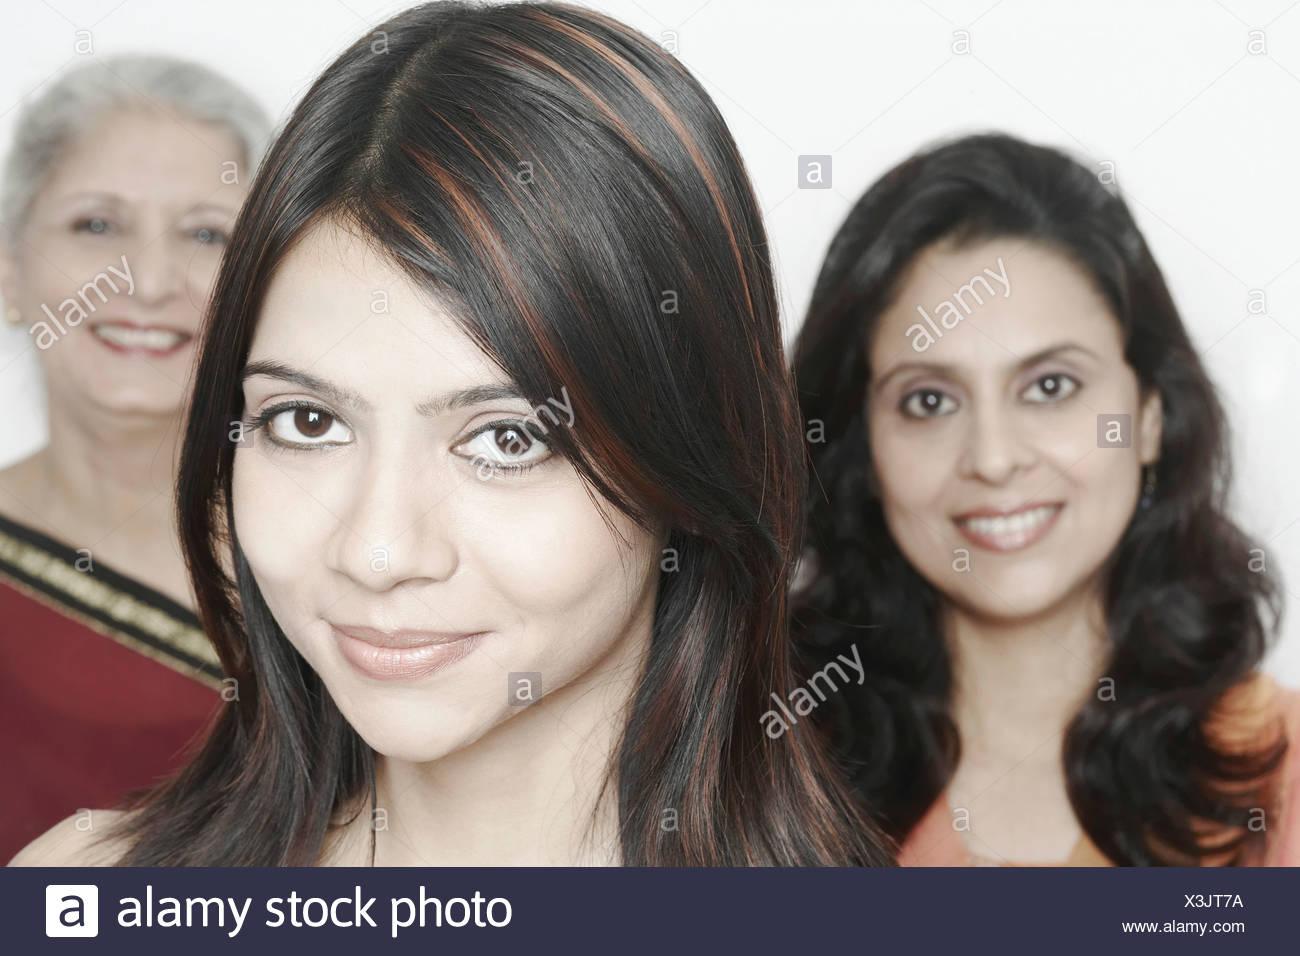 Retrato de una joven sonriente con dos mujeres de pie detrás de ella Imagen De Stock